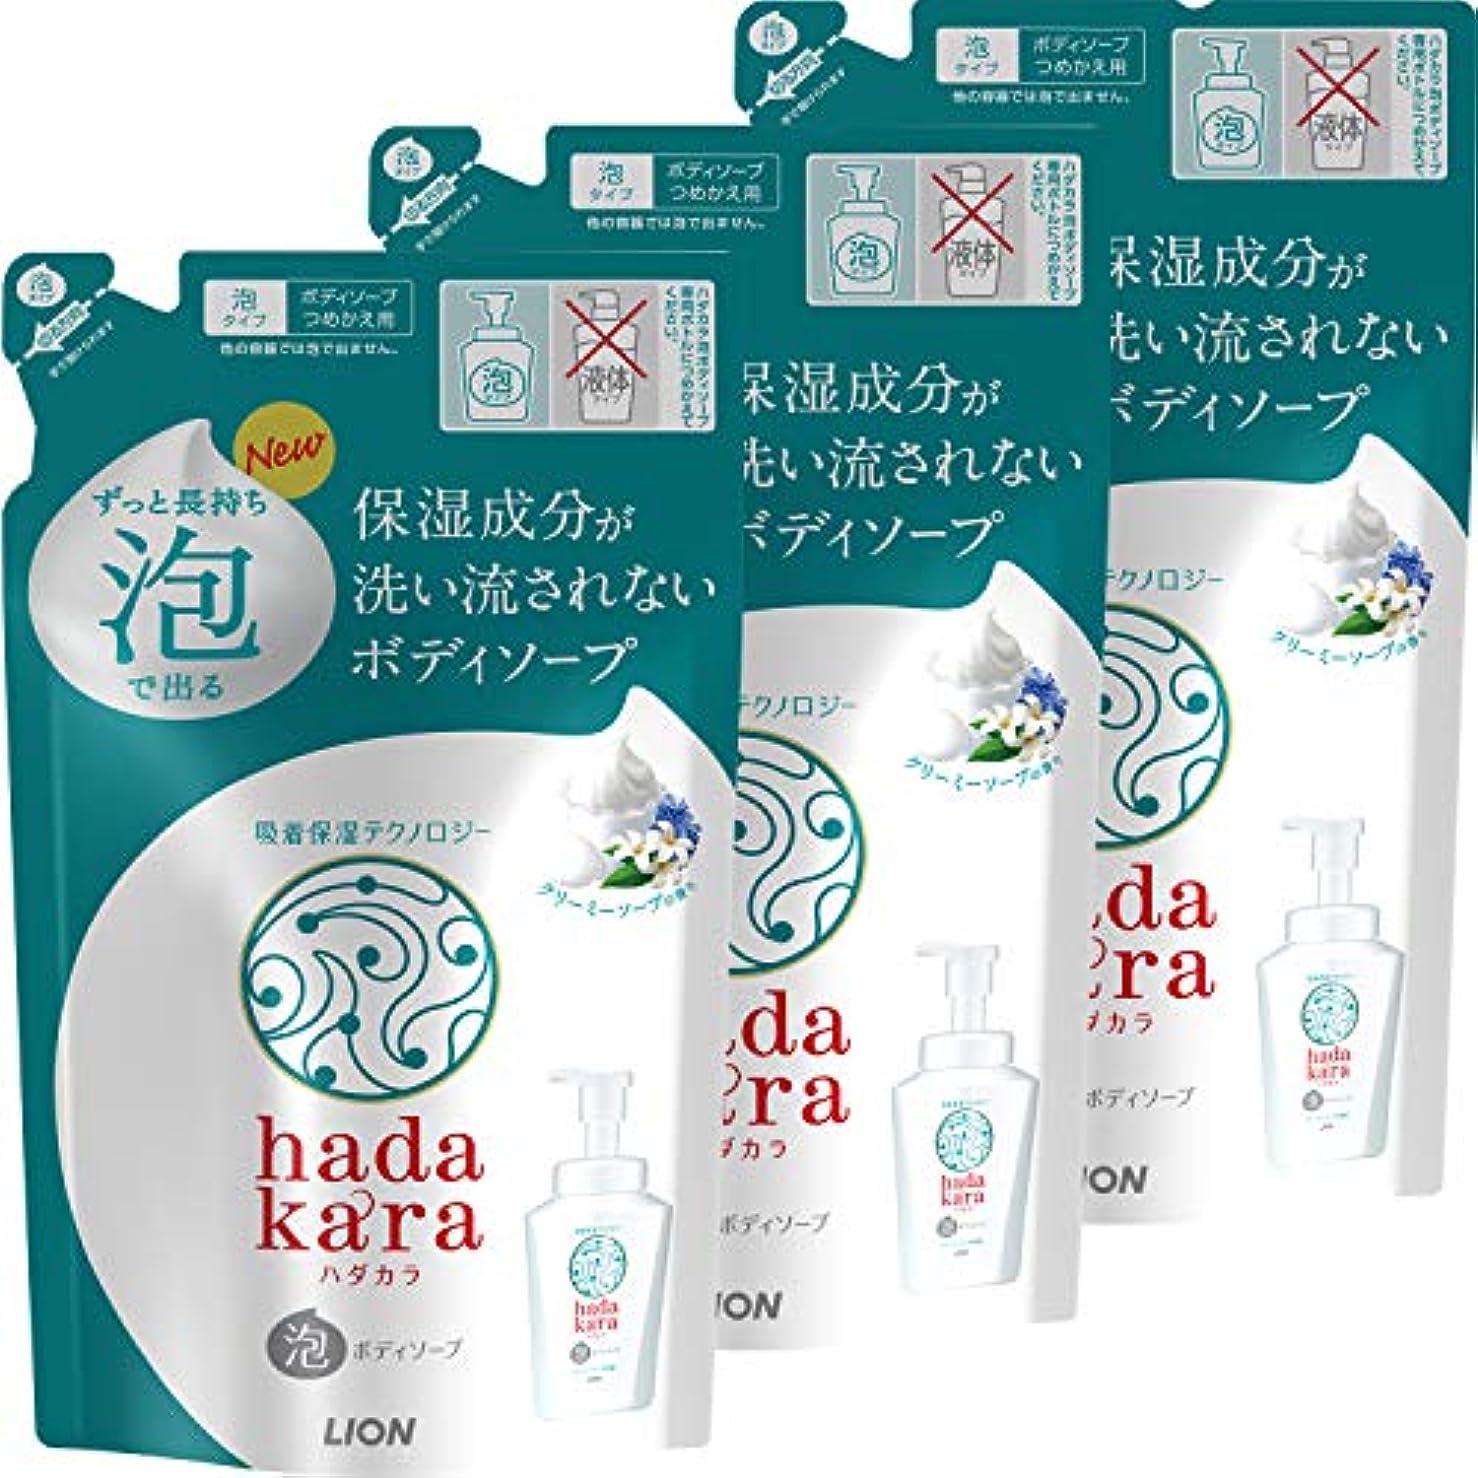 不快なベスト社交的hadakara(ハダカラ) ボディソープ 泡タイプ クリーミーソープの香り 詰替440ml×3個